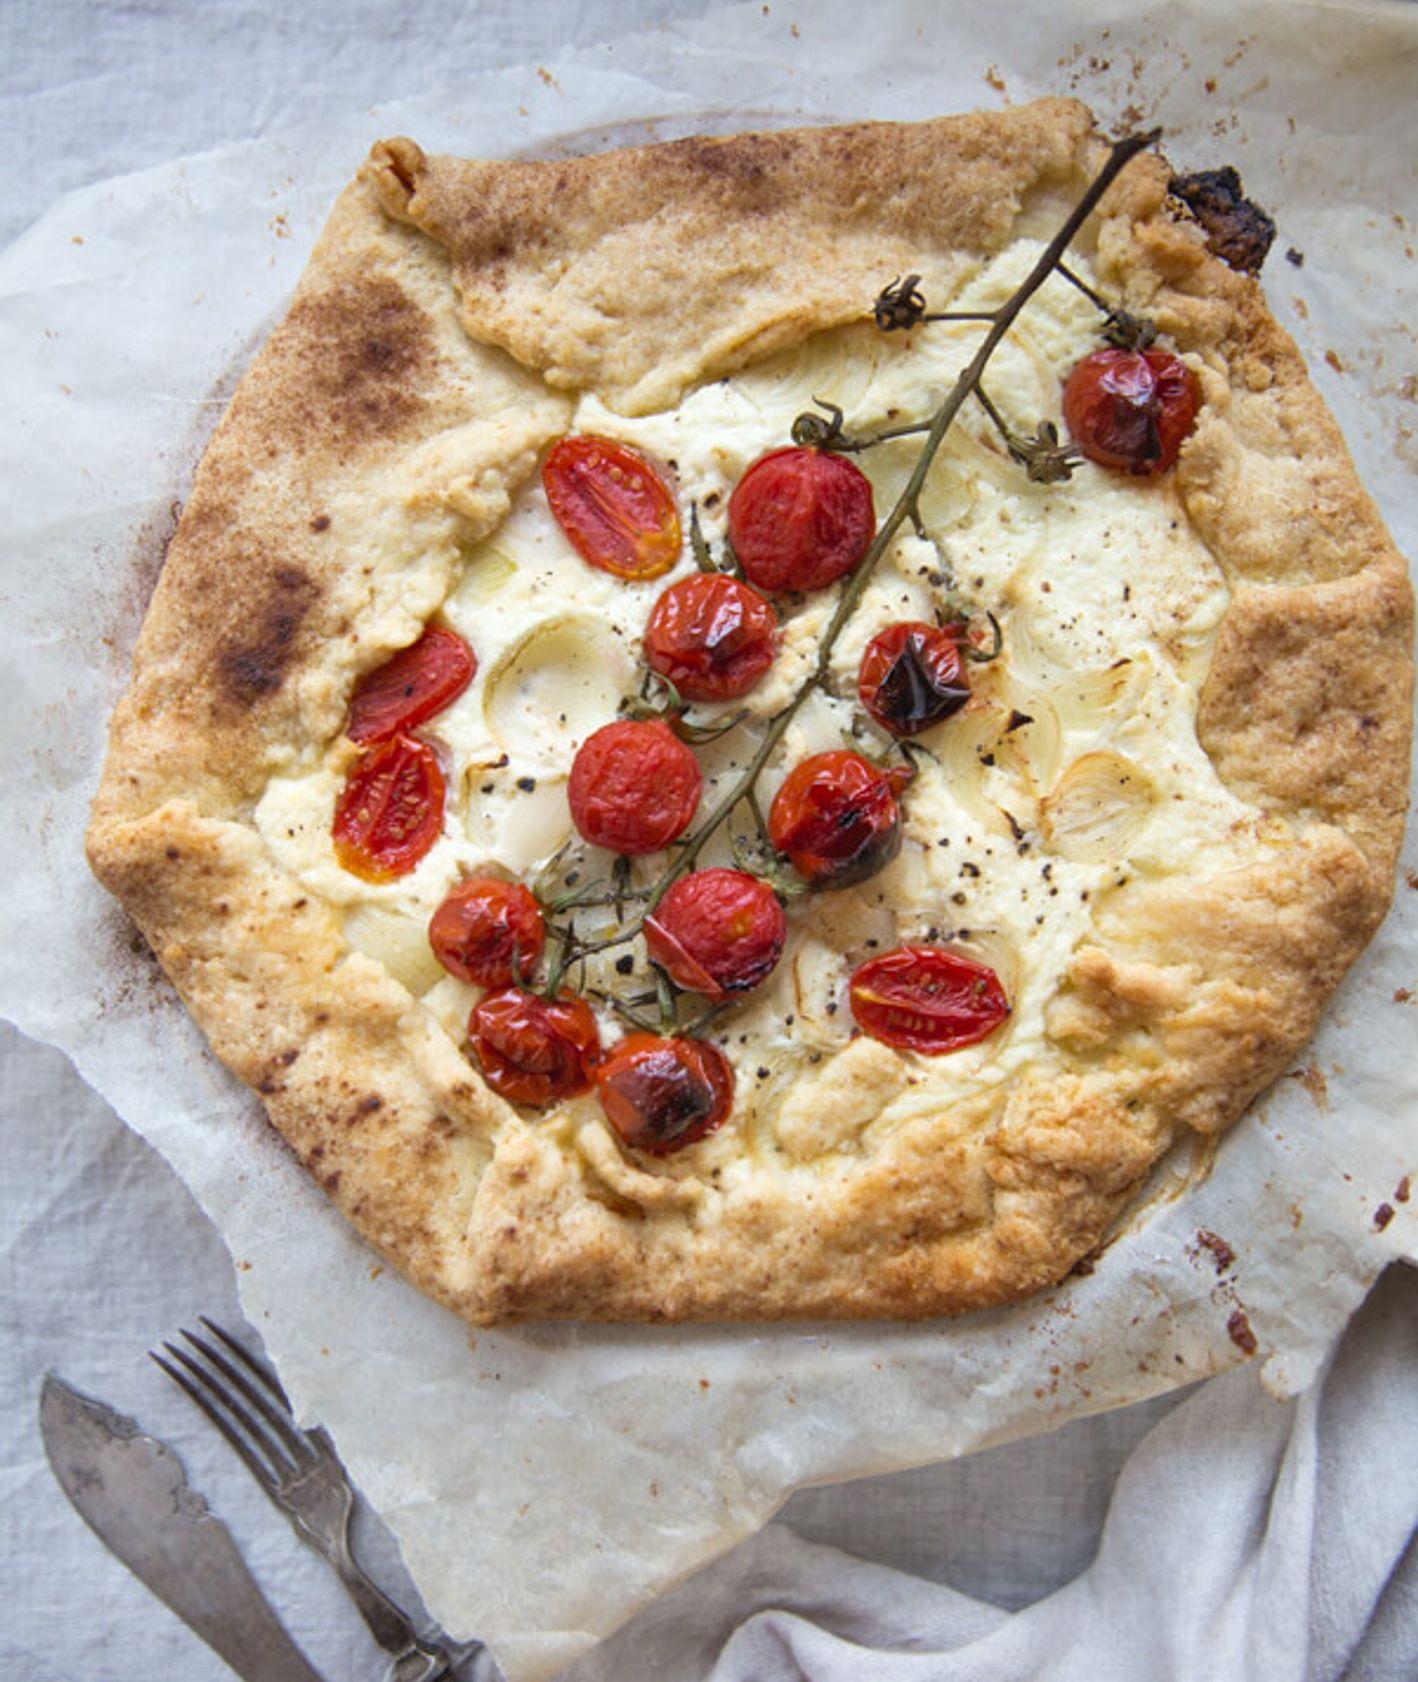 Pomysł na pomidory z piekarnika - tarta z pomidorami i serem (fot. Sylwia Wyrwicka)